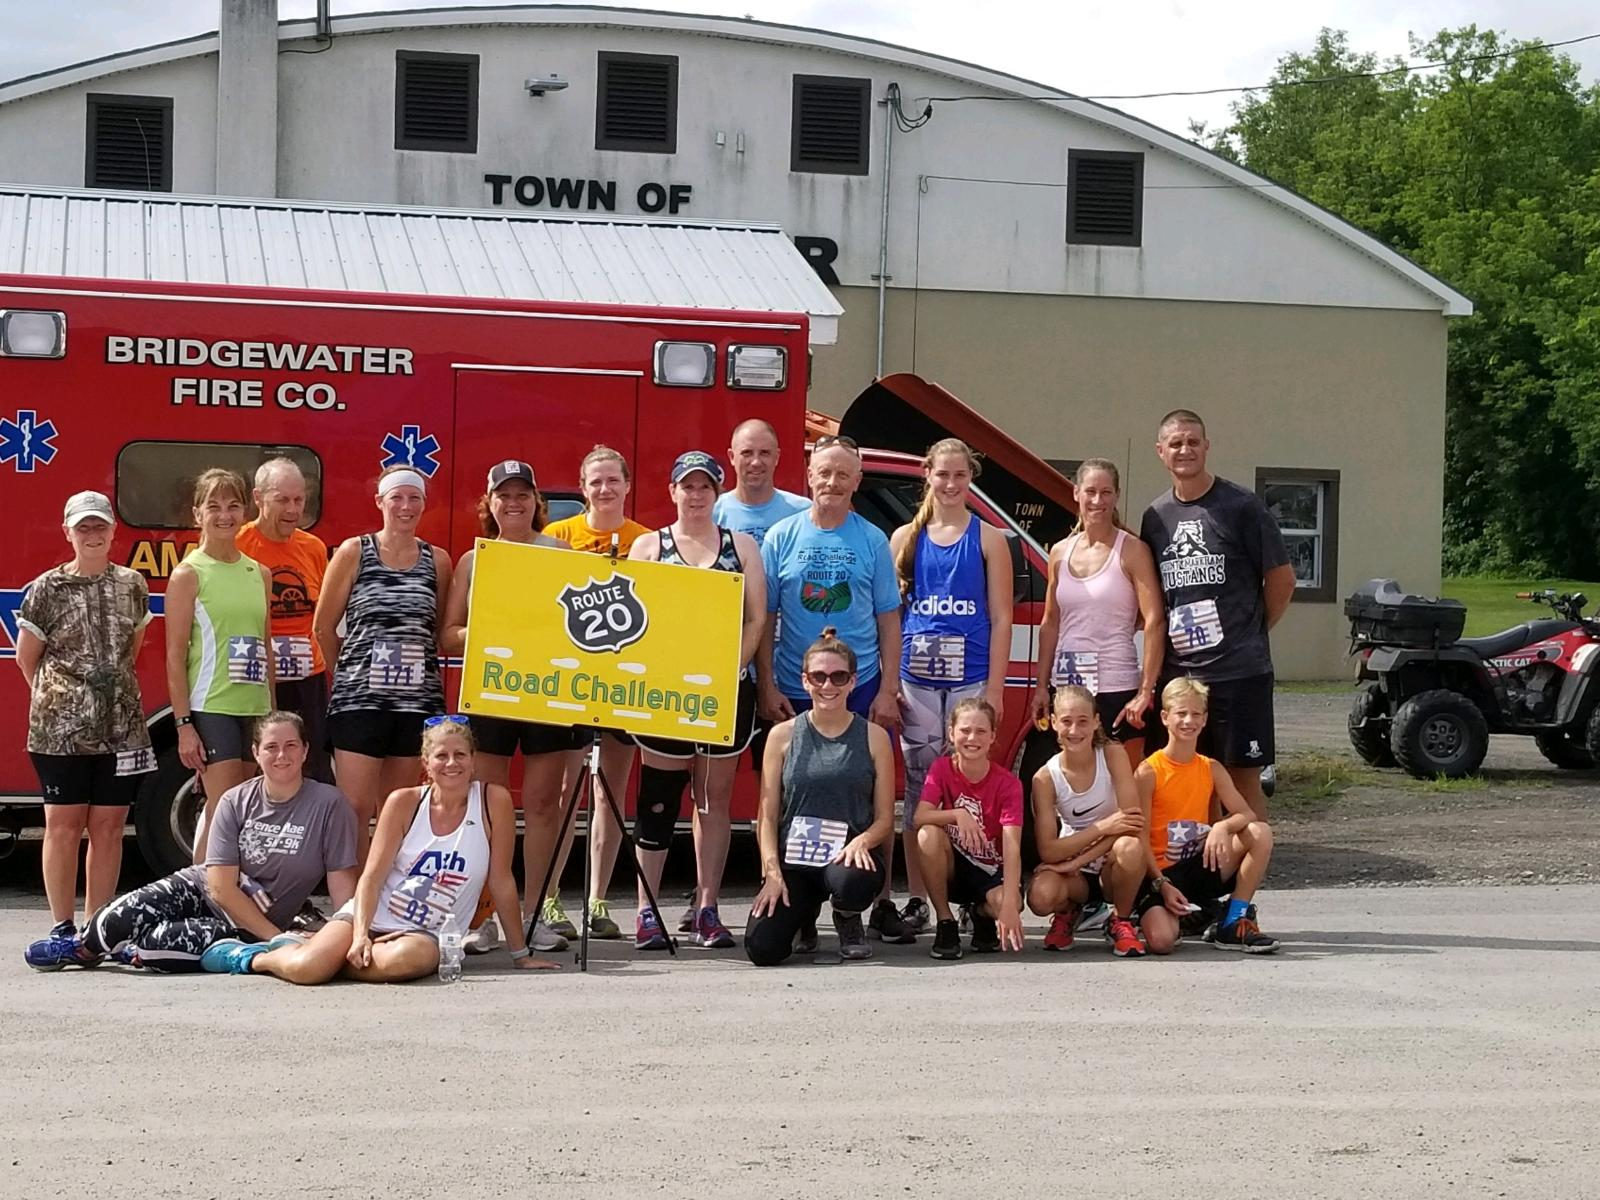 Believe 271 5K Run/Walk Results